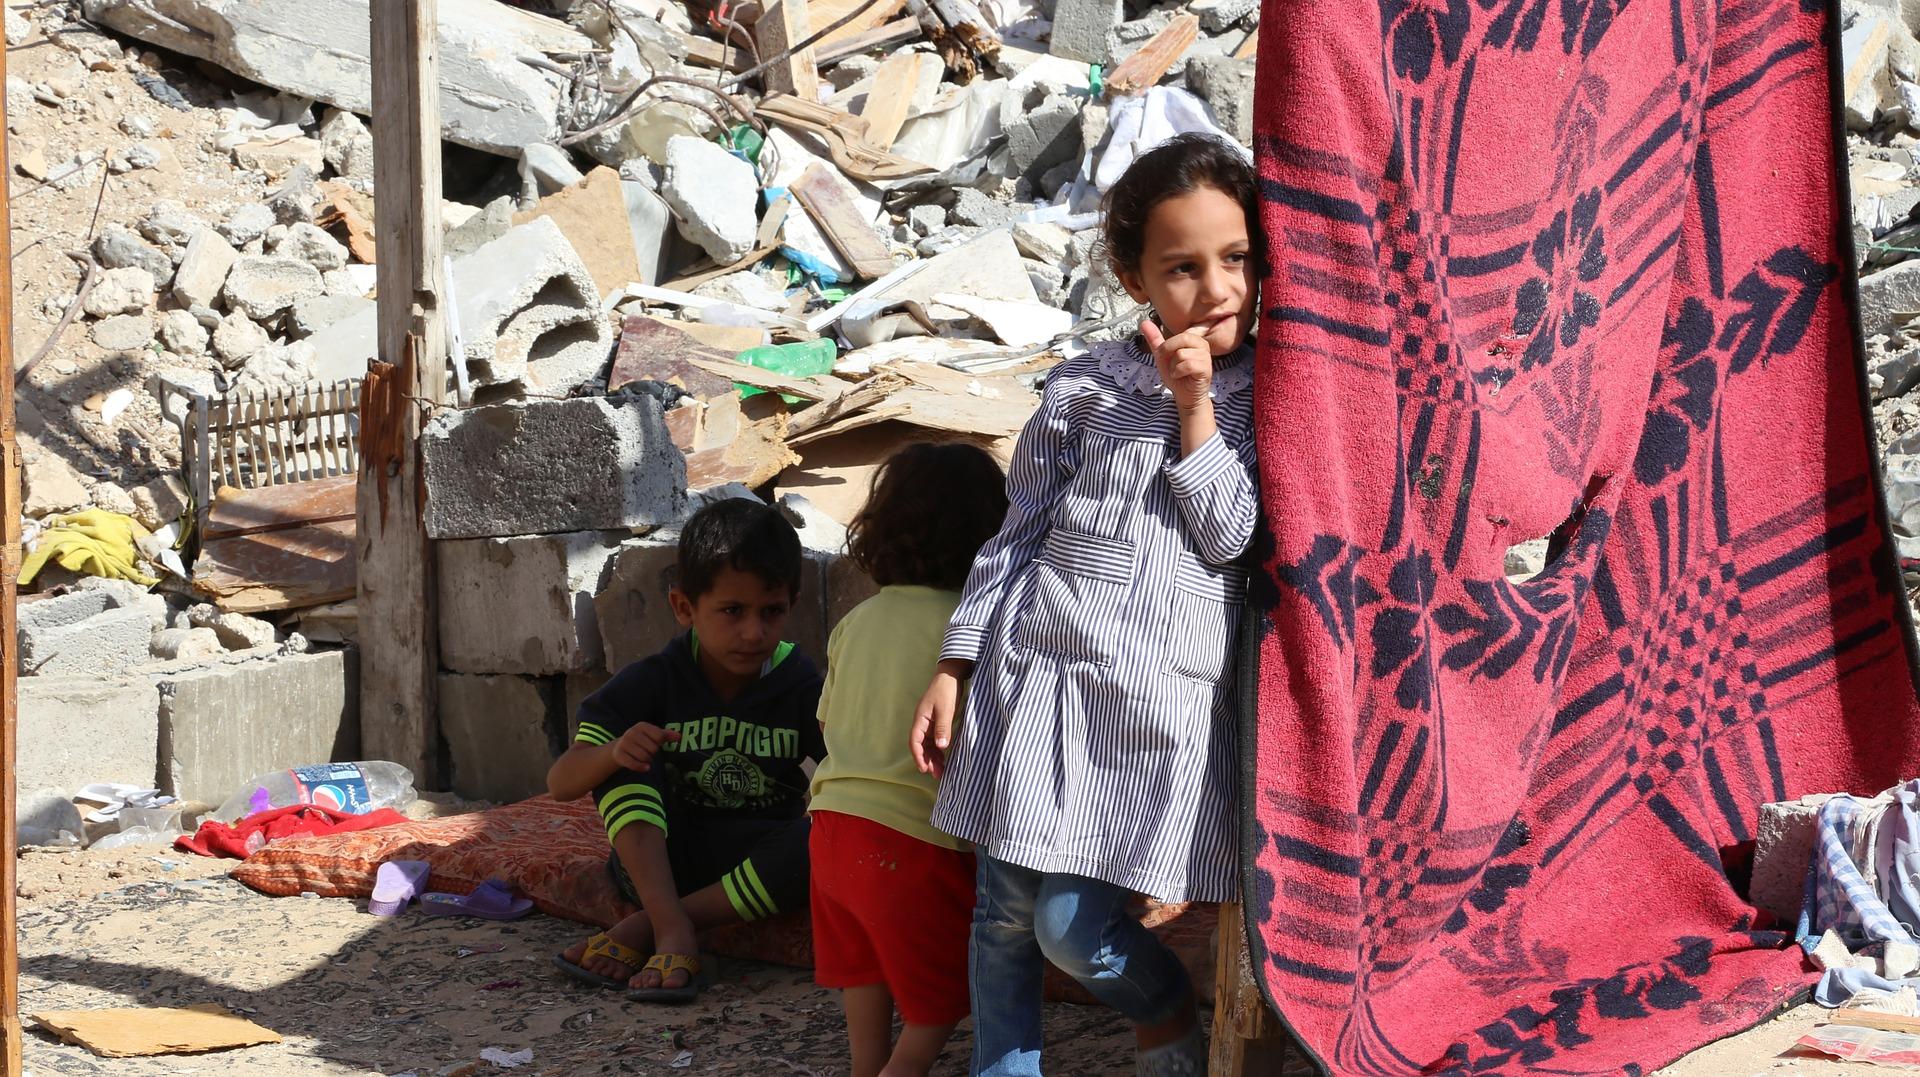 palestine-gaza-strip-in-2015-678981_1920.jpg